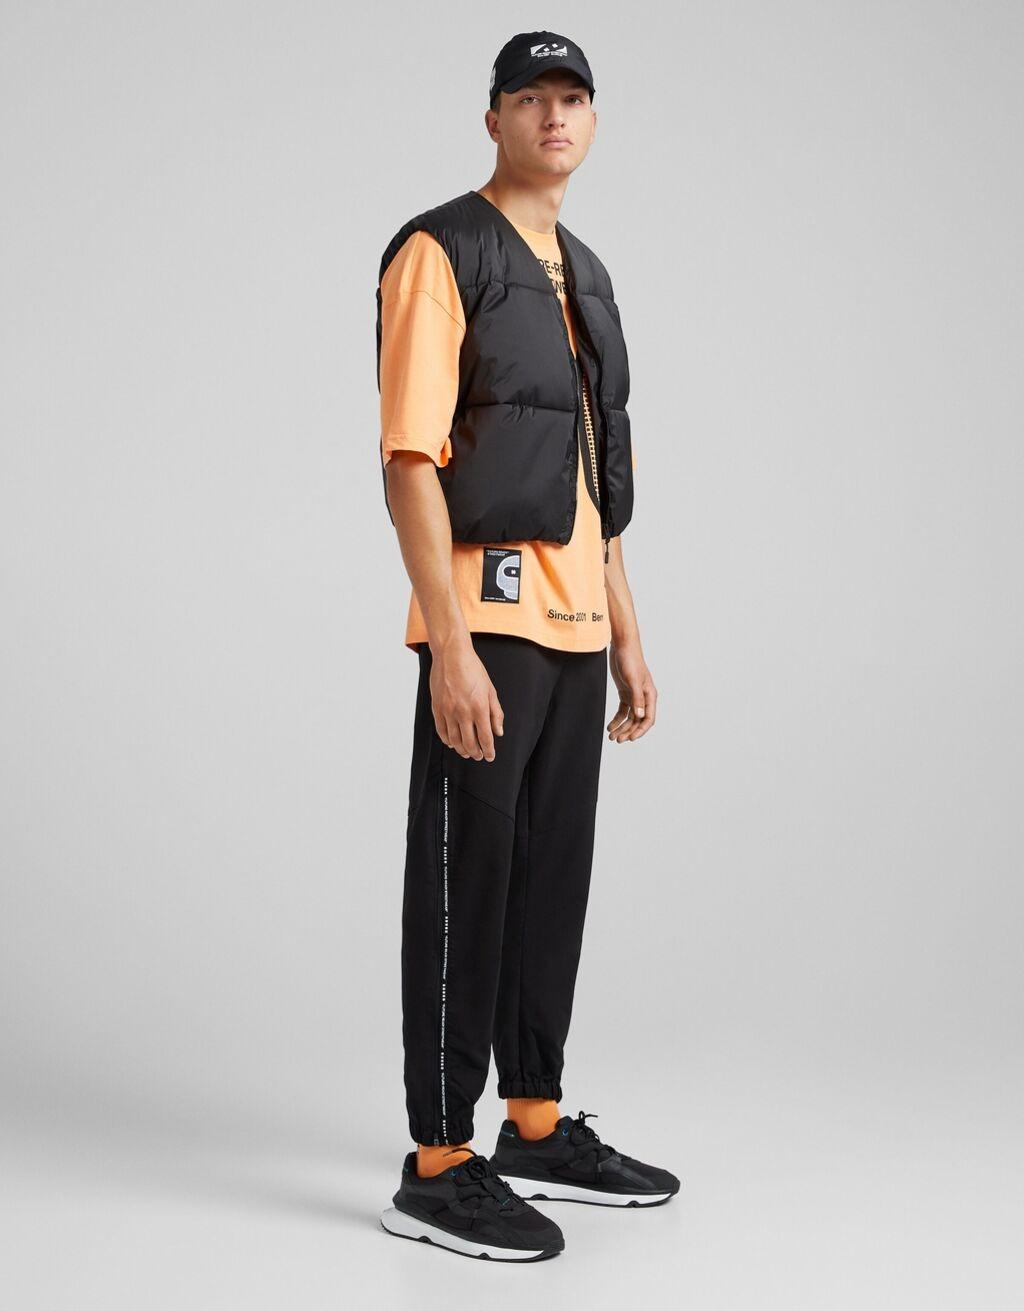 Pantalón jogger técnico FUTURE-READY ACTIVEWEAR cremallera